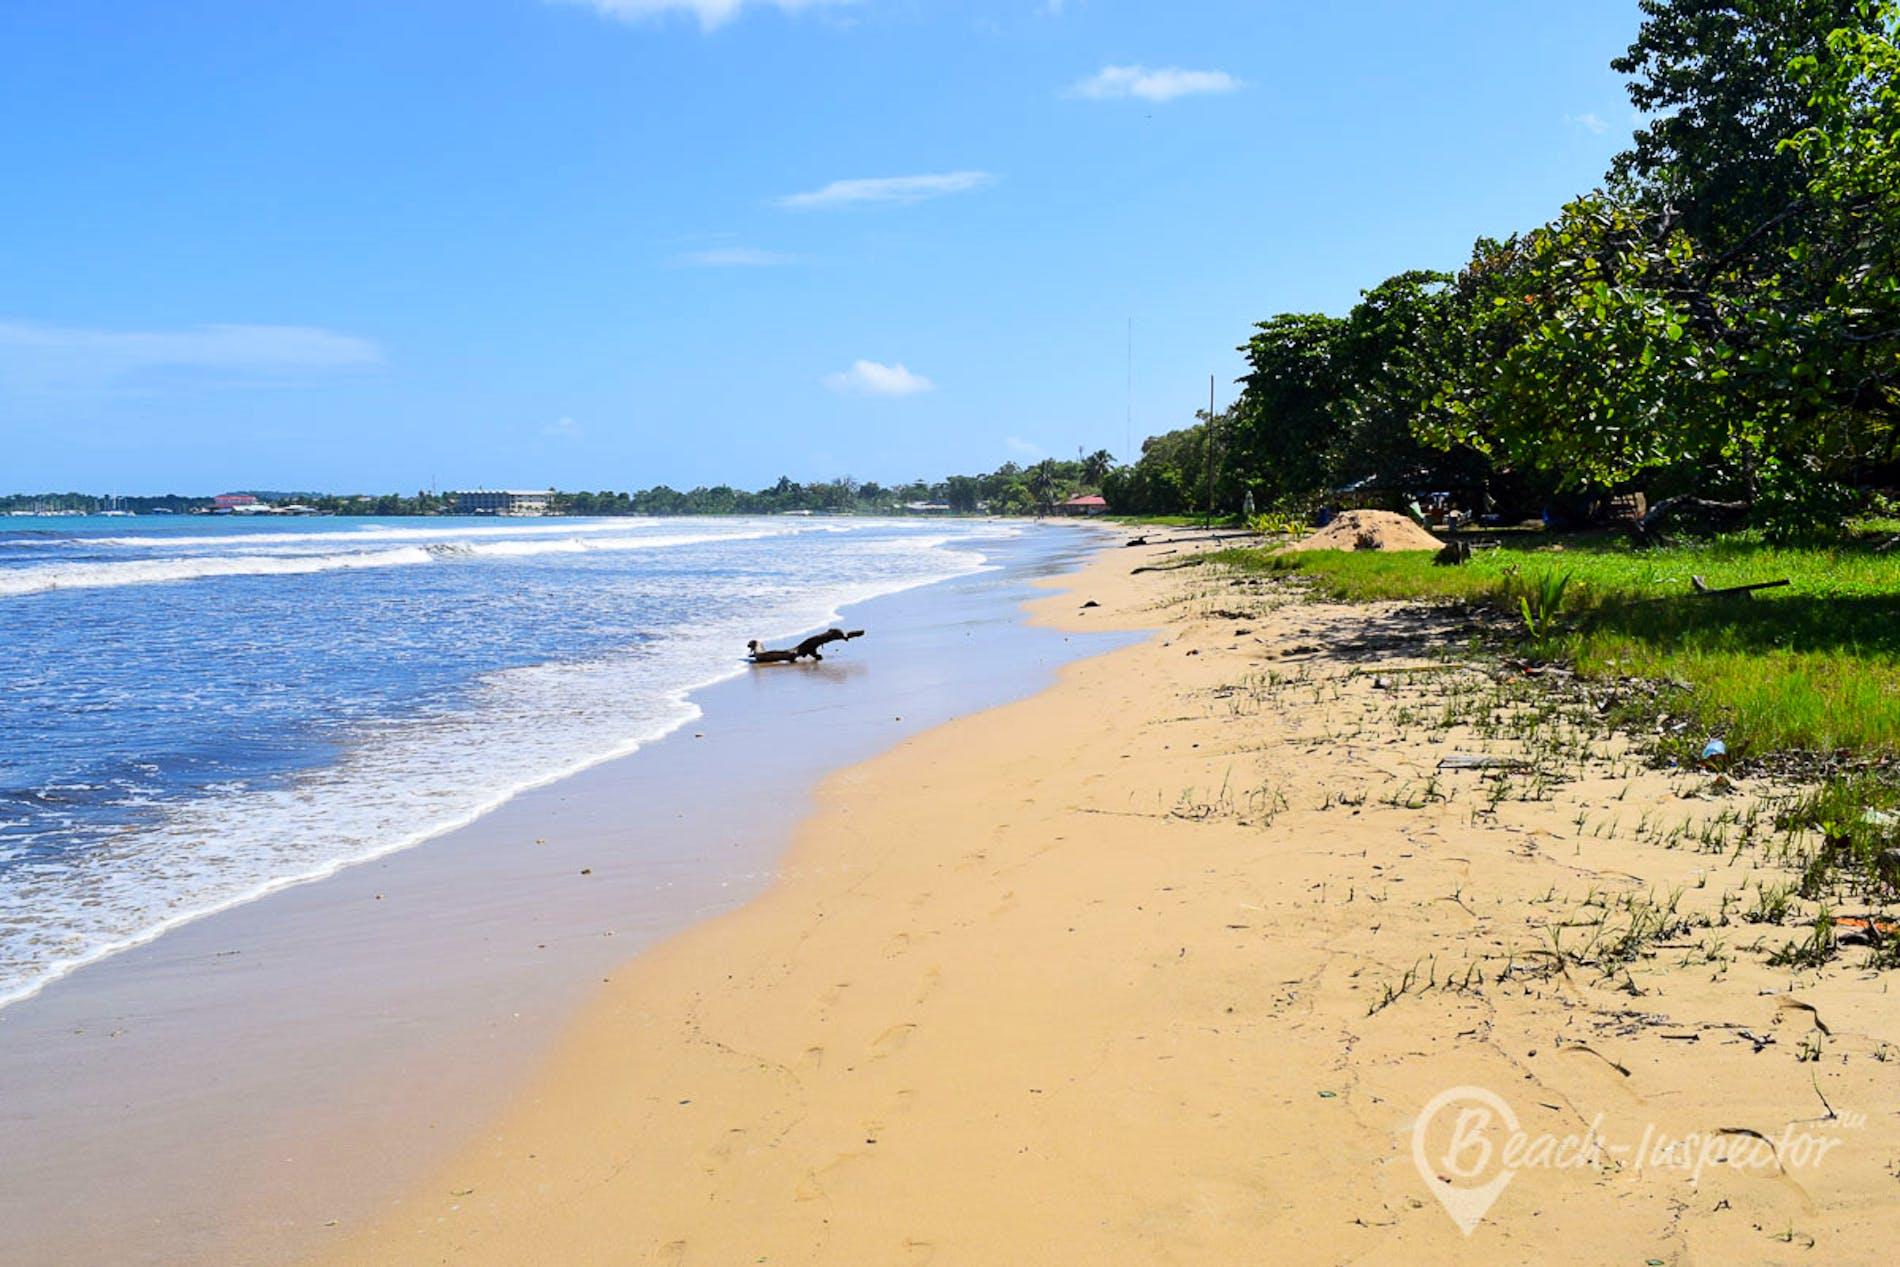 Beach Playa La Cabaña, Panama, Panama